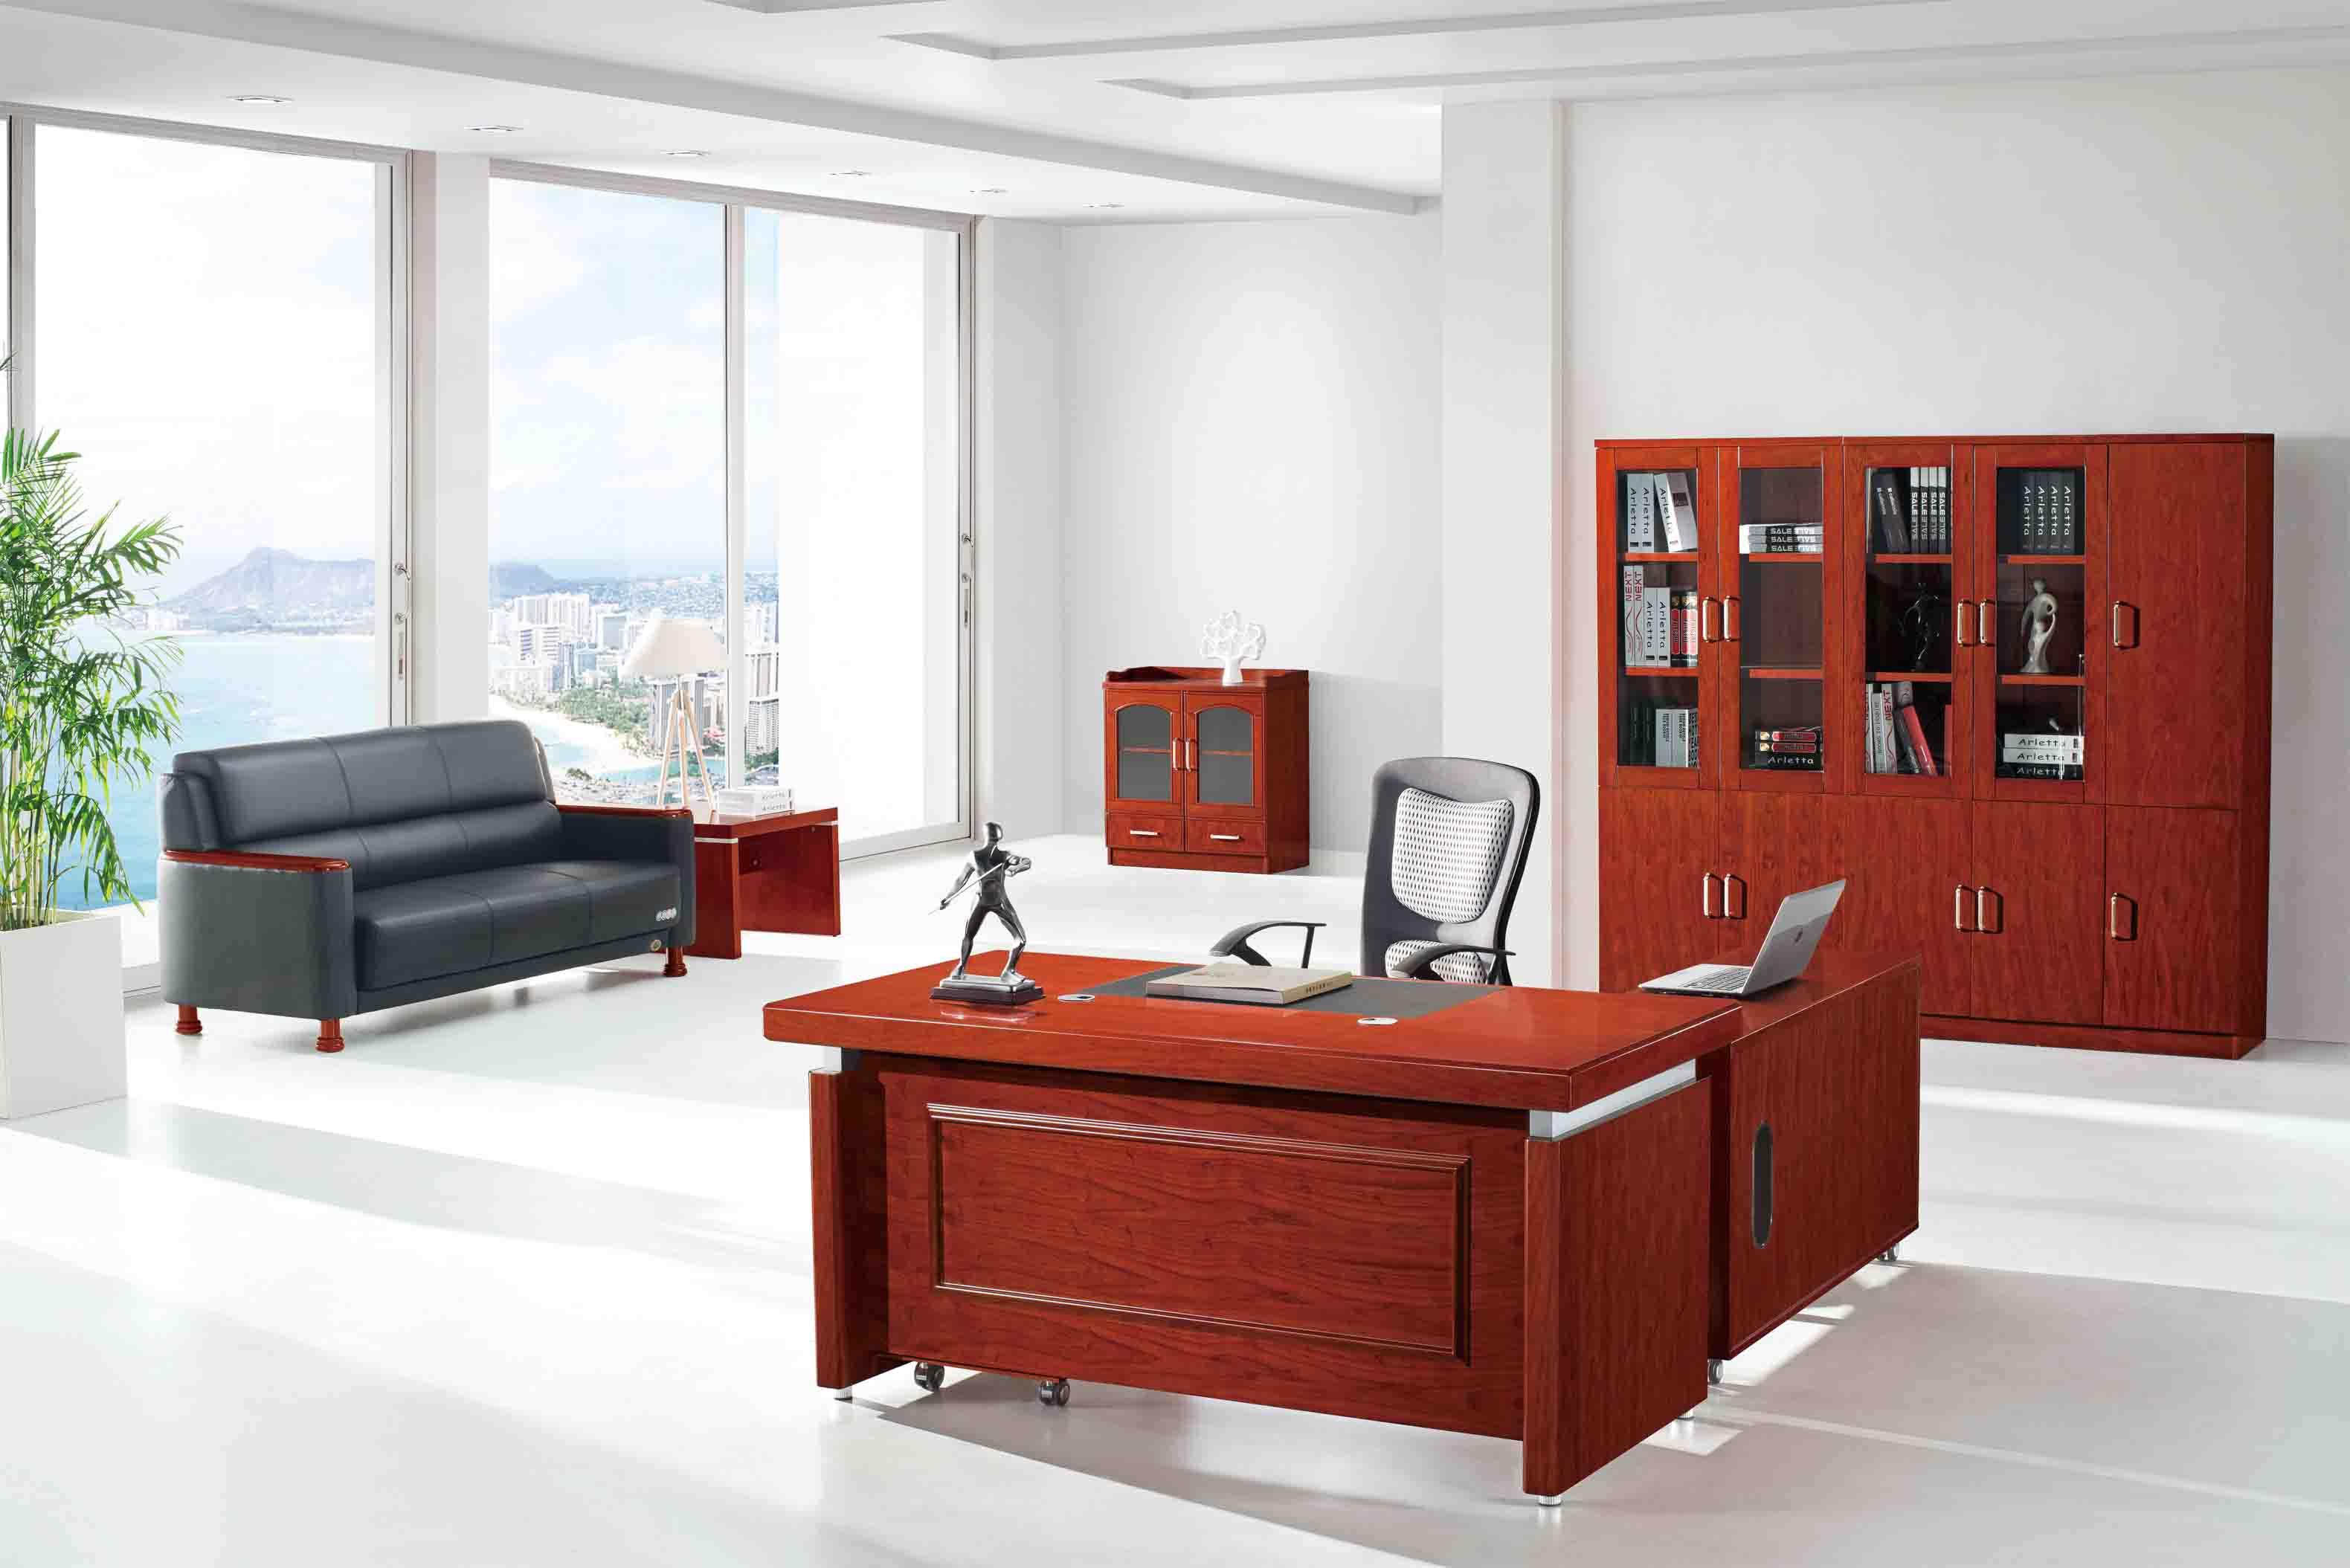 西安实木办公桌厂家